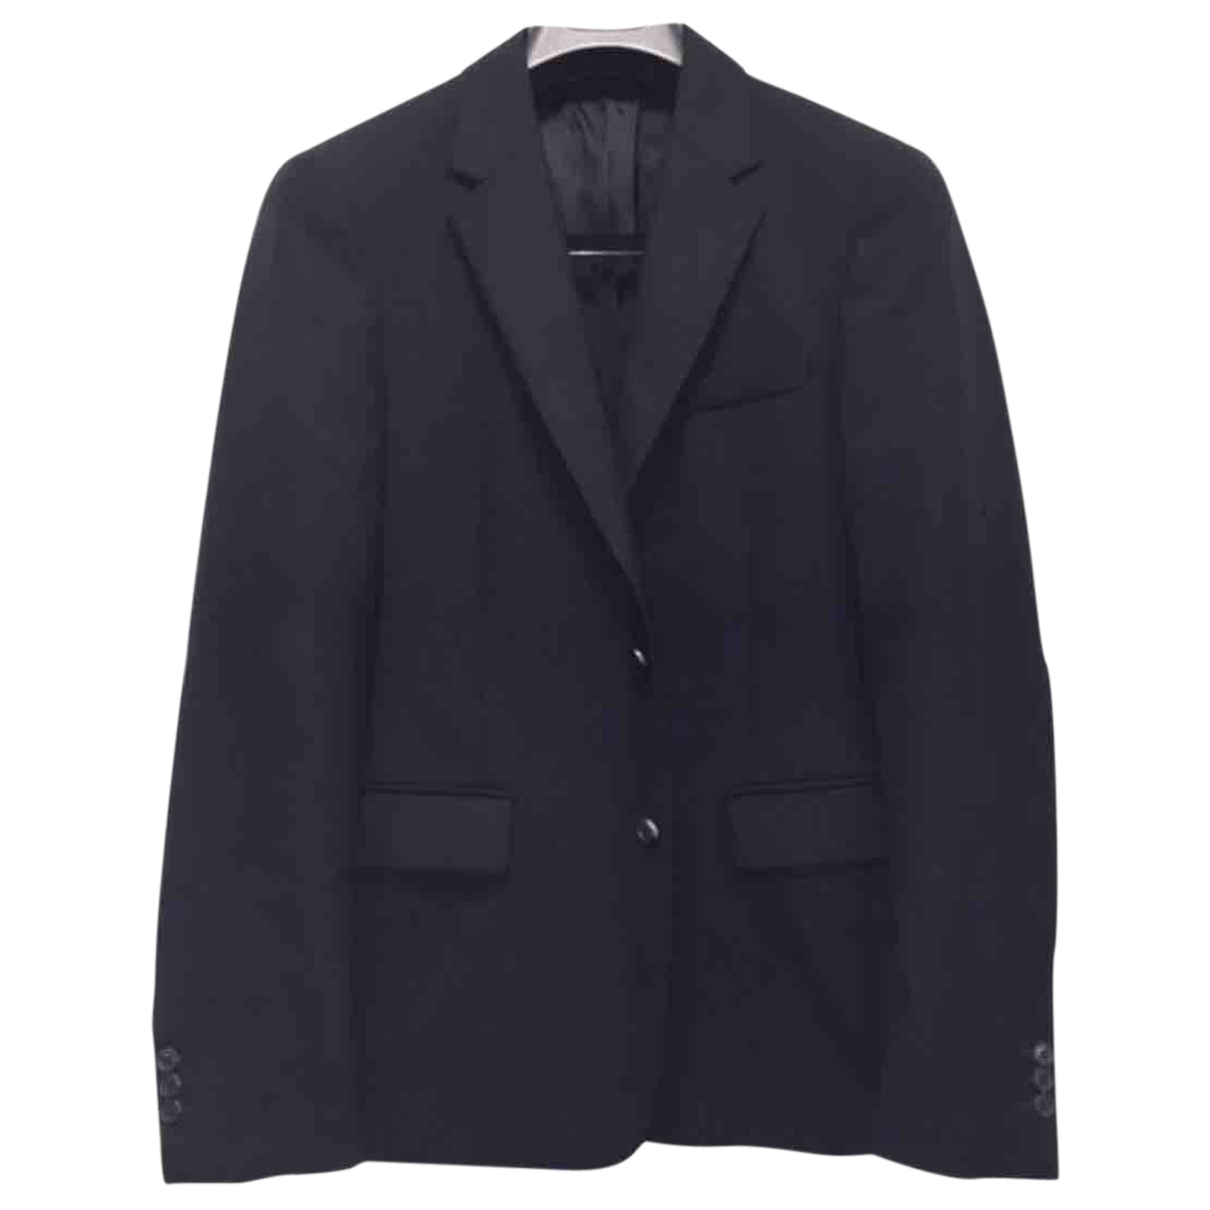 Prada - Vestes.Blousons   pour homme en laine - noir